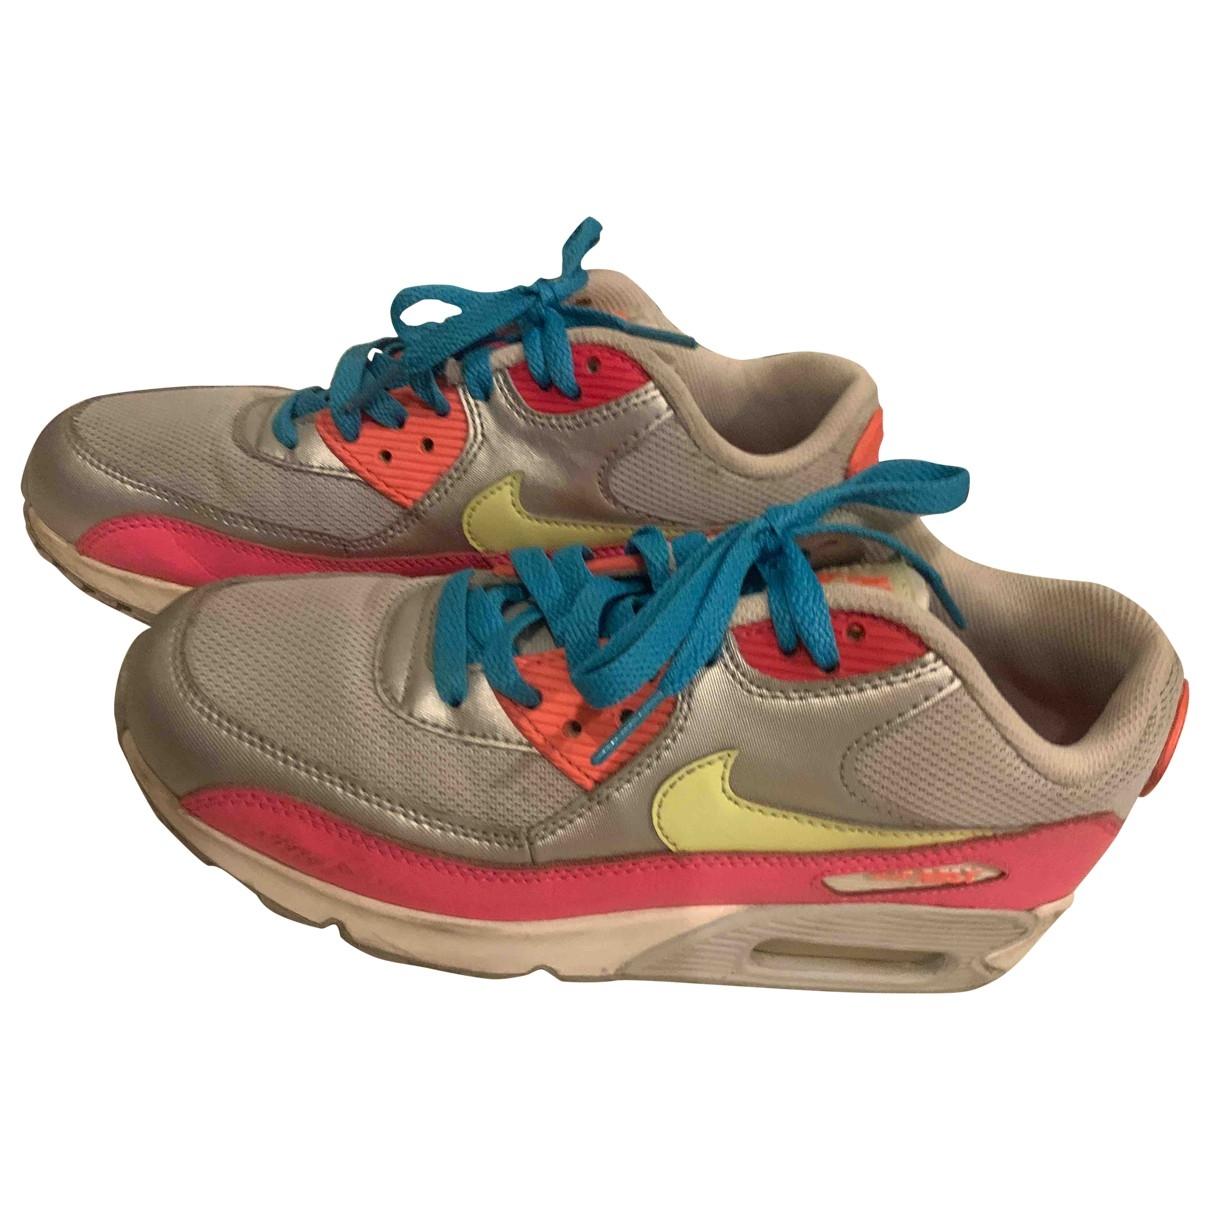 Nike - Baskets Air Max 90 pour femme en cuir verni - argente